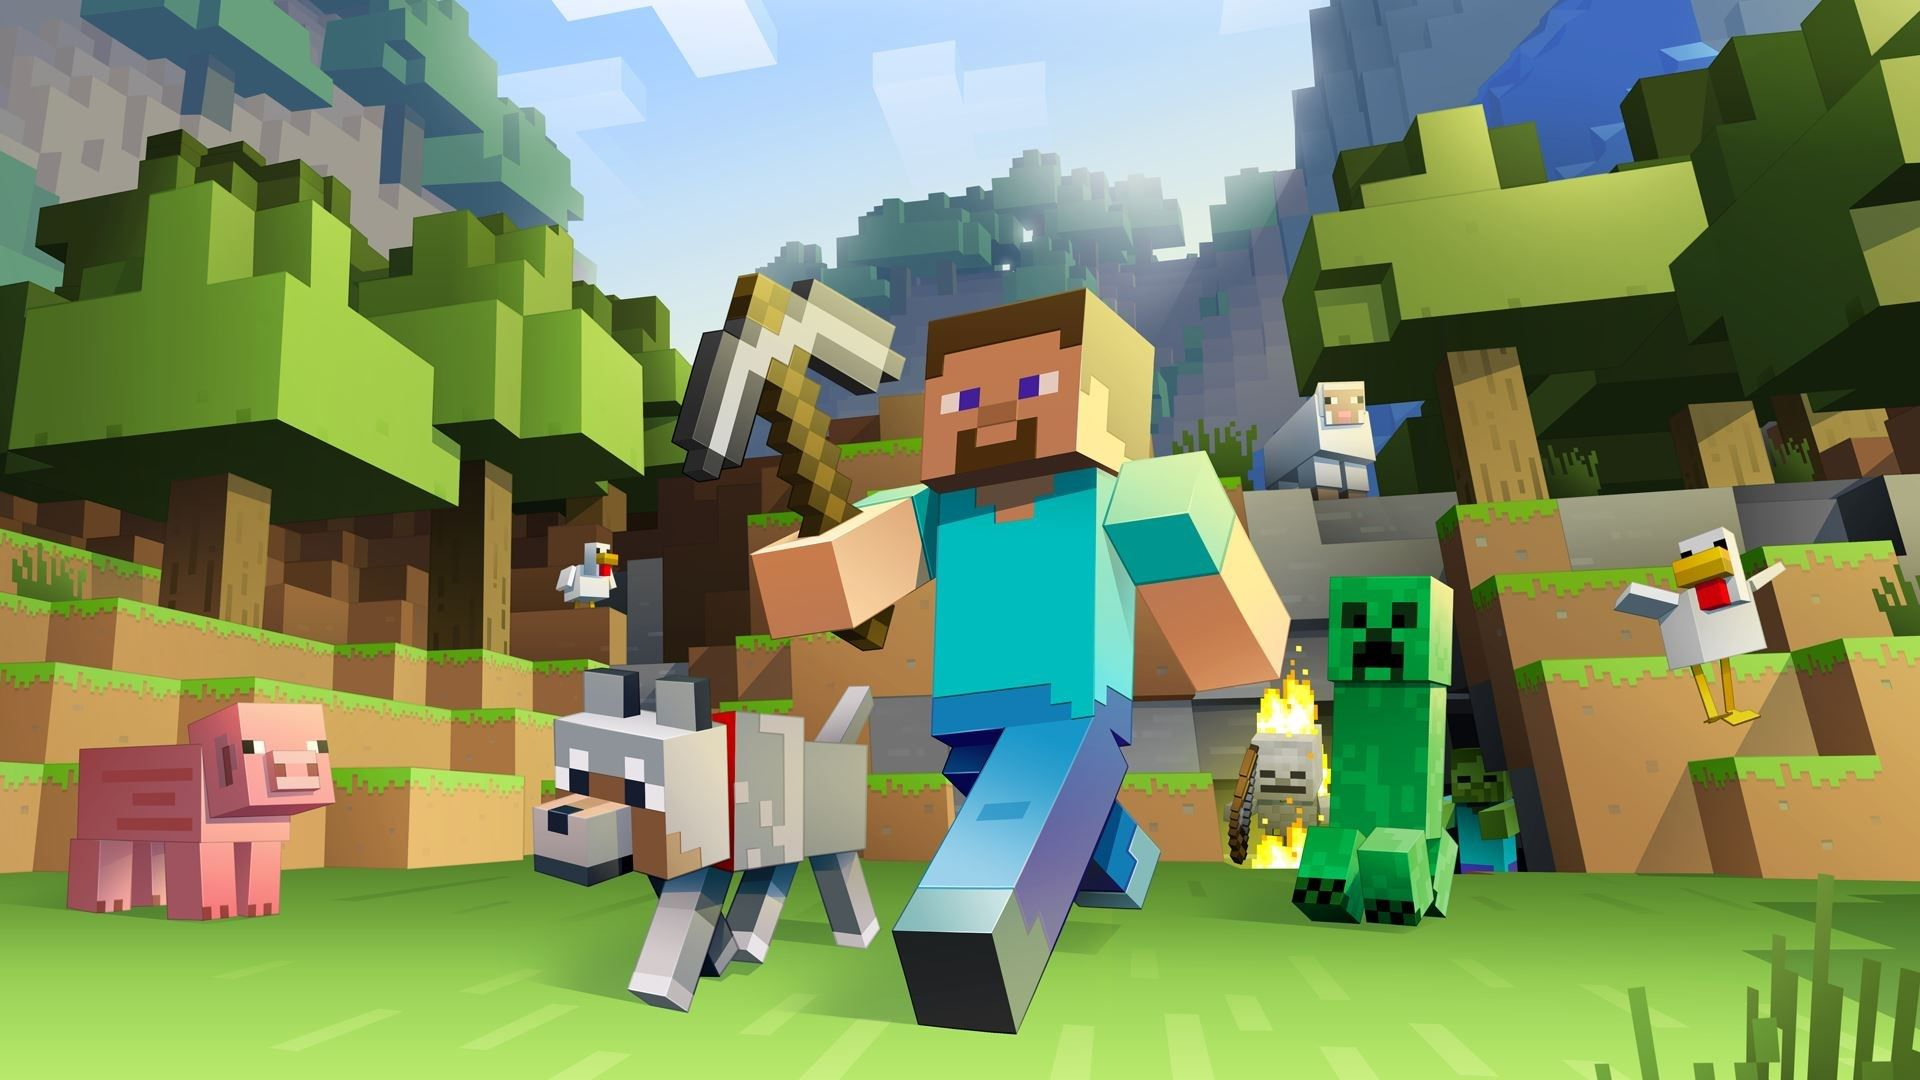 Minecraft chega a 200 milhões em vendas, segundo Microsoft | Jogos ...